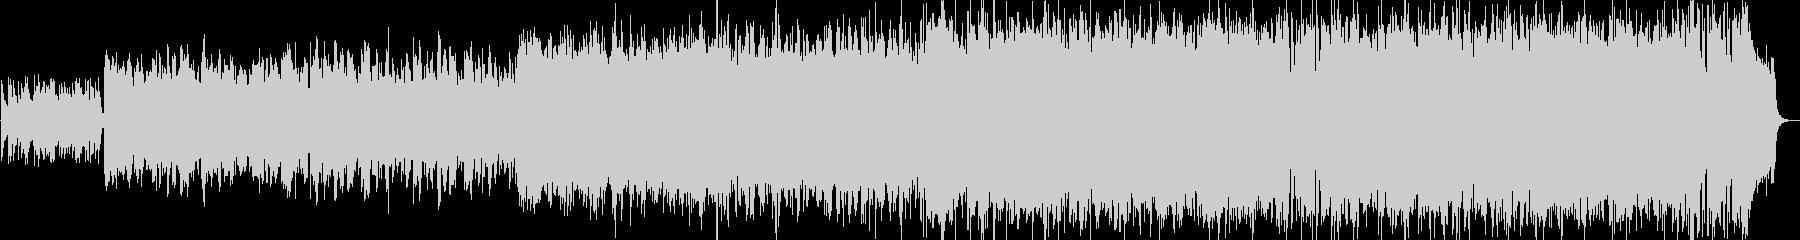 バグパイプのアイリッシュリールの未再生の波形